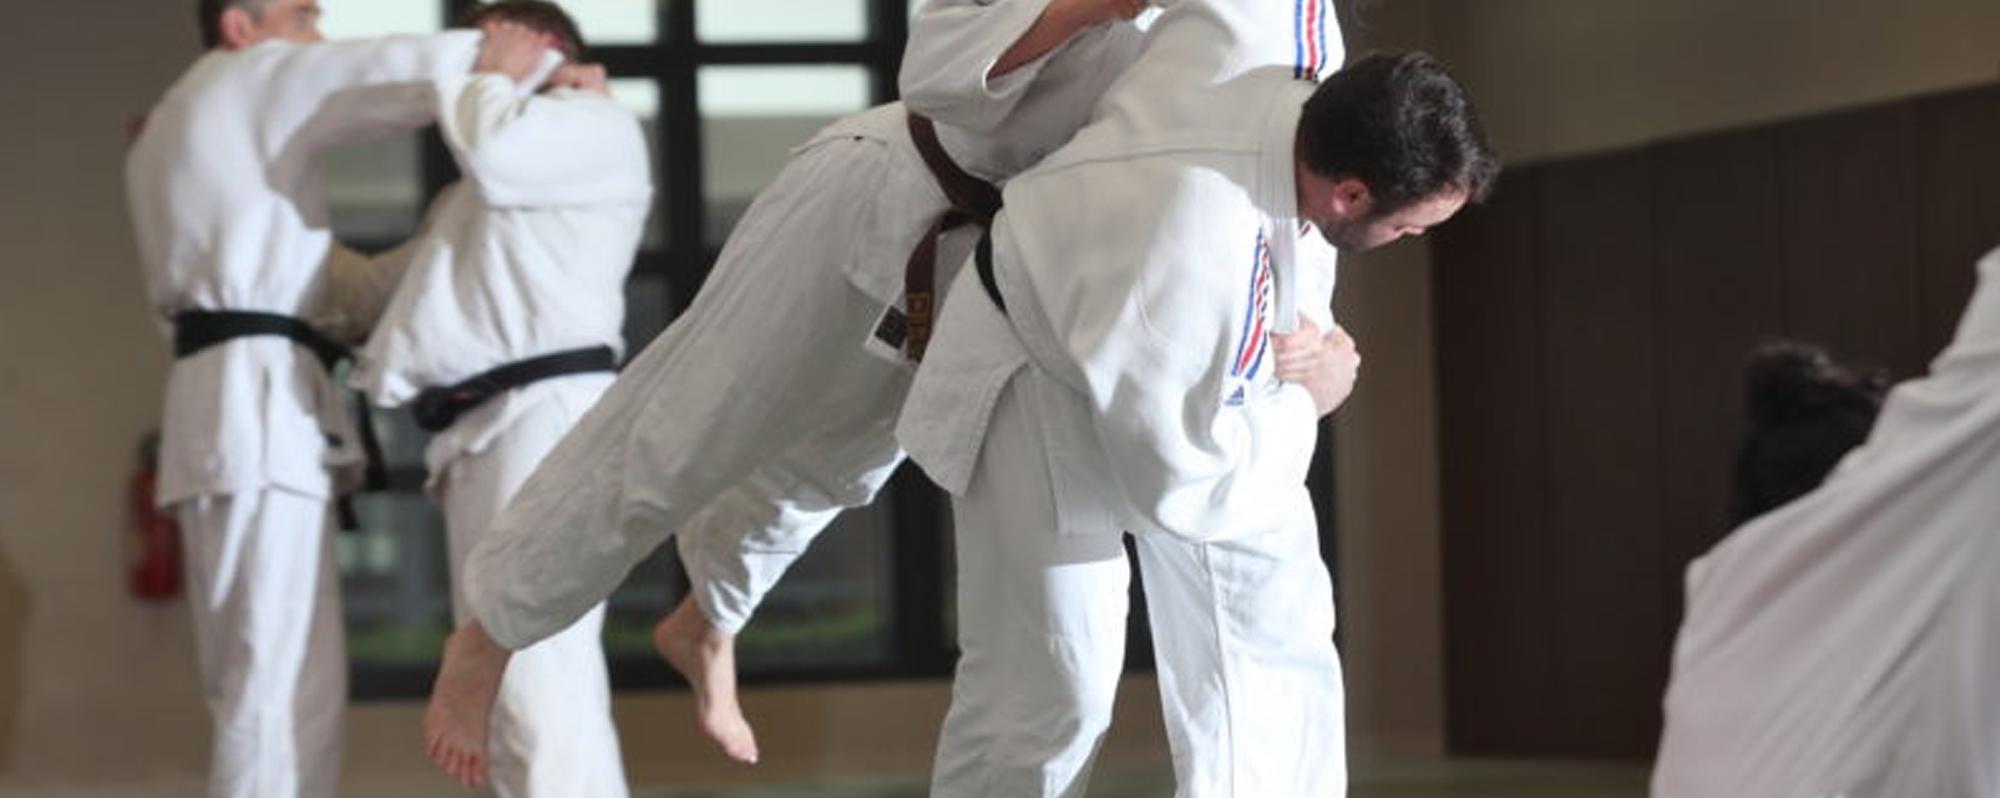 SUC Judo Jujitsu